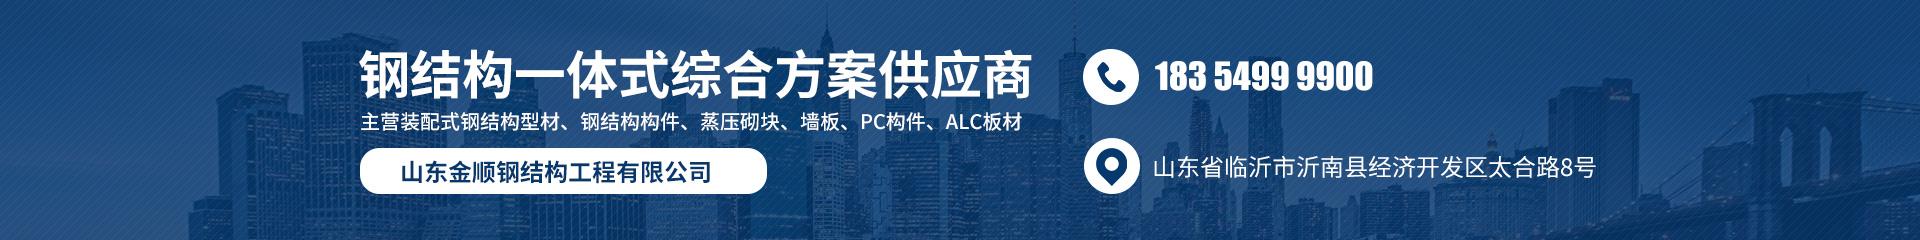 蒸压砌块厂家,钢结构构件厂家,山东PC构件,山东ALC板材